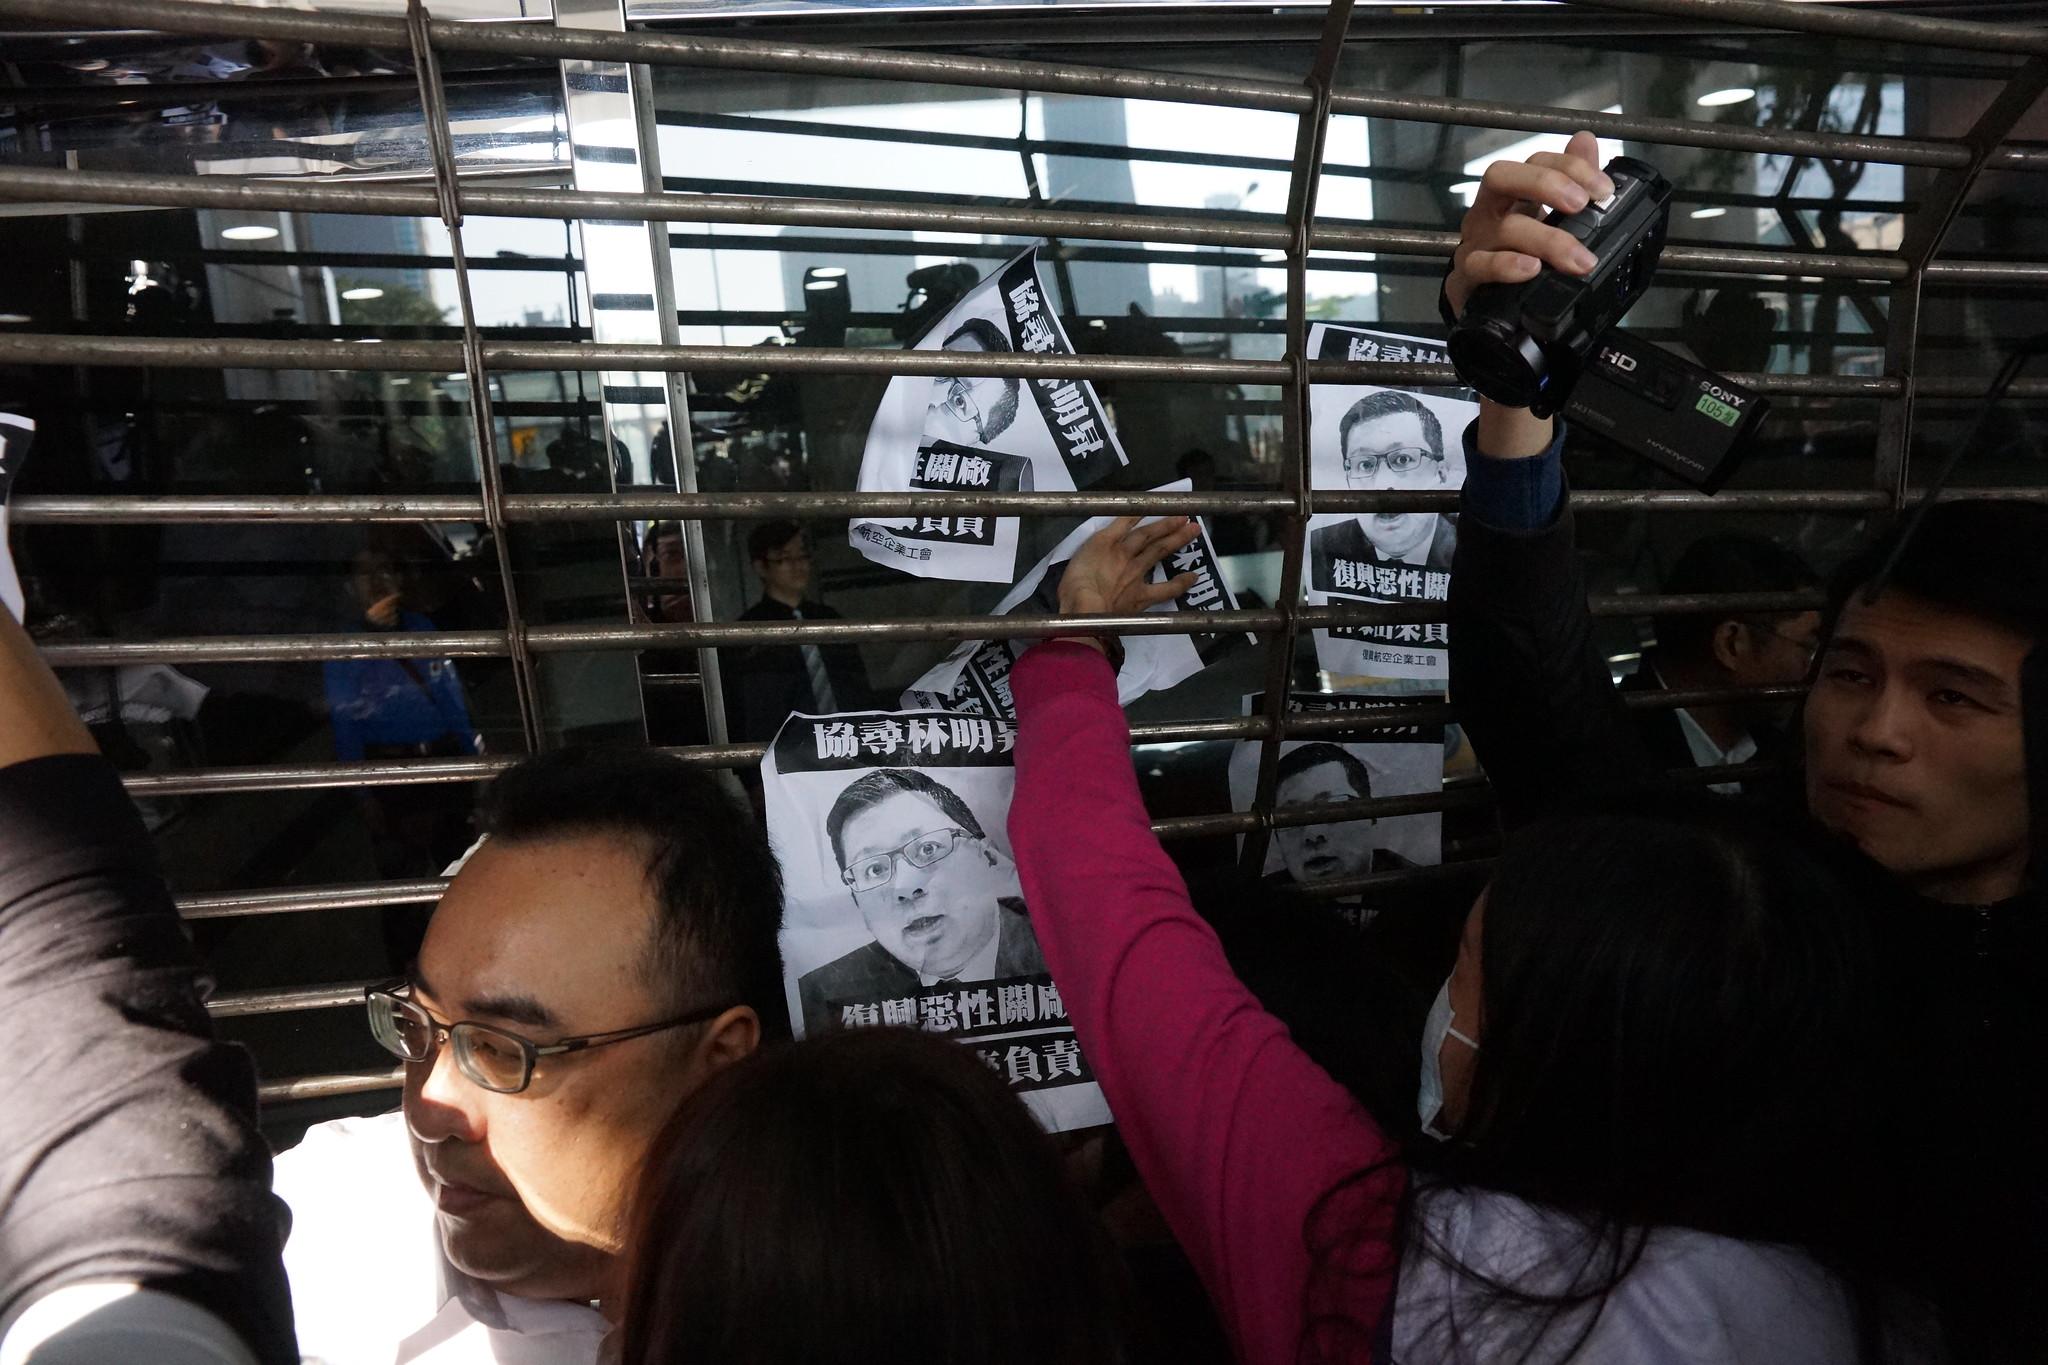 林家「國產實業」面對勞工抗爭直接拉下鐵門引發推擠衝突。(攝影:王顥中)